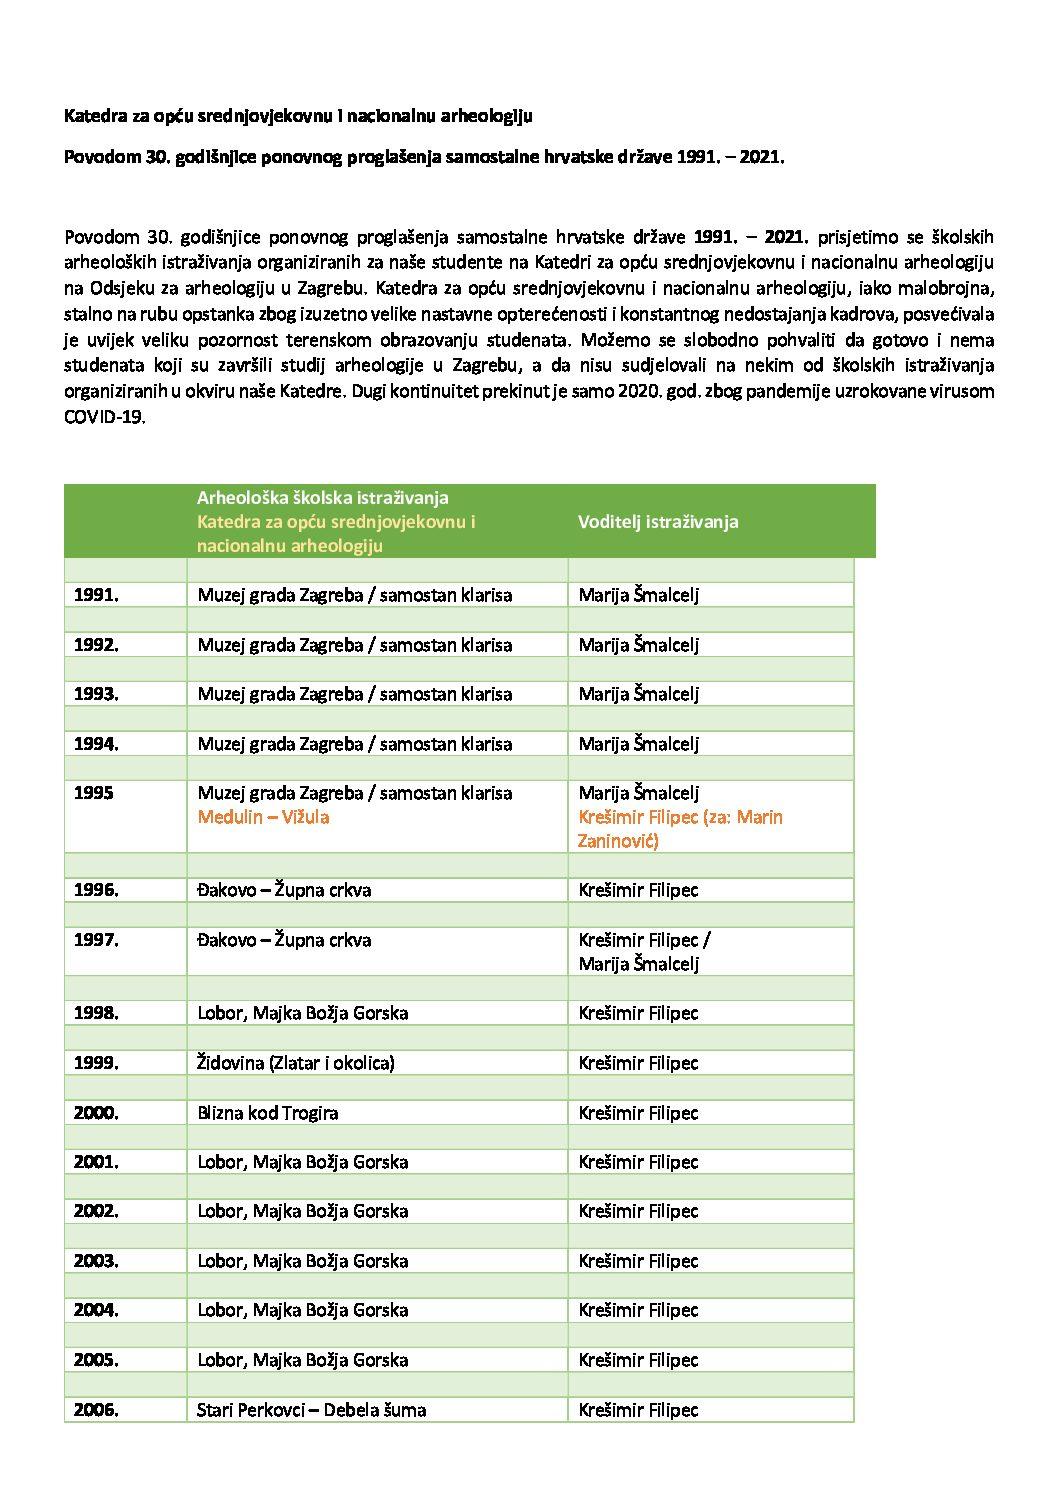 Popis školskih arheoloških istraživanja Katedre za opću srednjovjekovnu i nacionalnu arheologiju